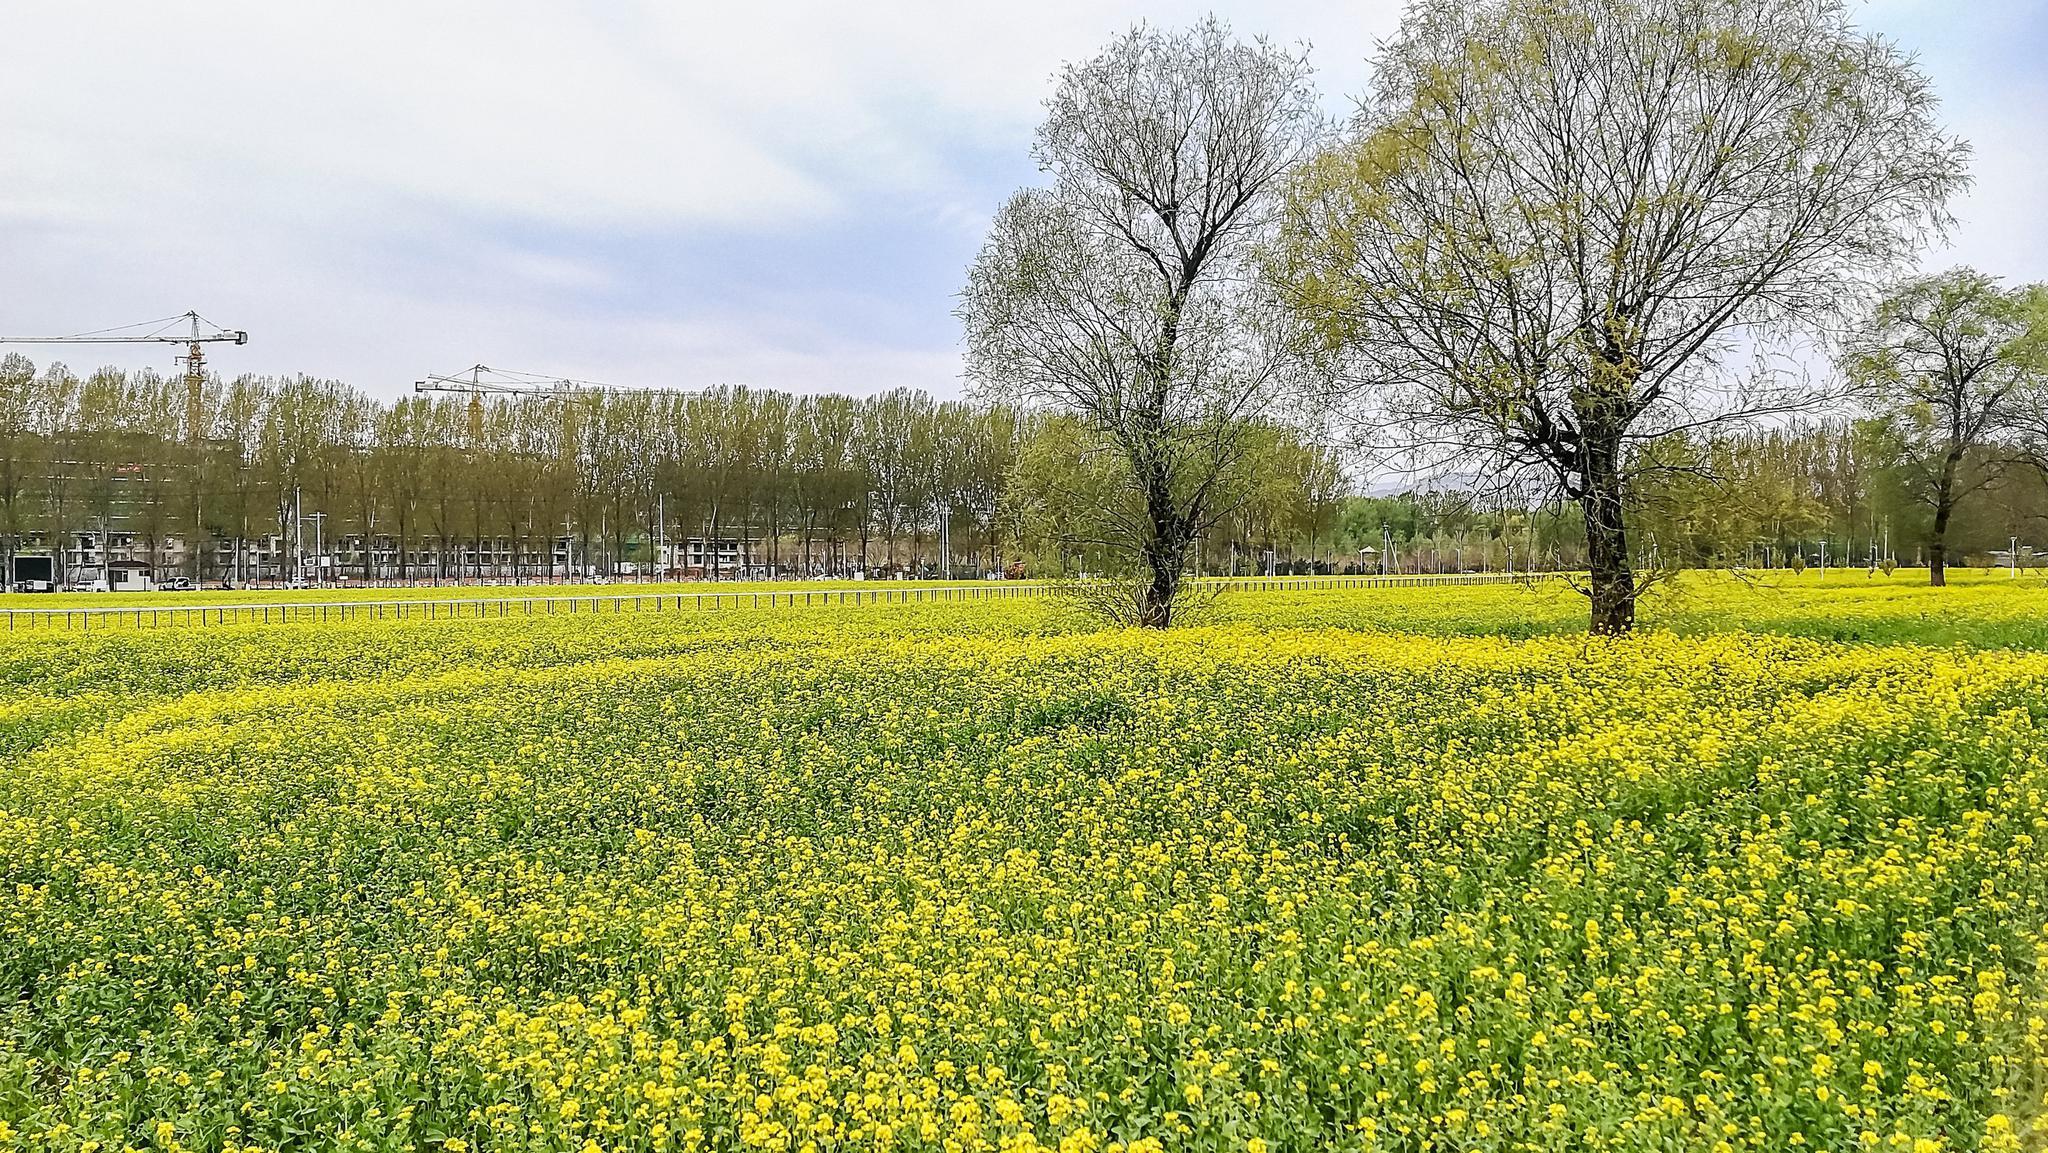 彩票代理村200亩油菜花彩票代理盛开花期可图片